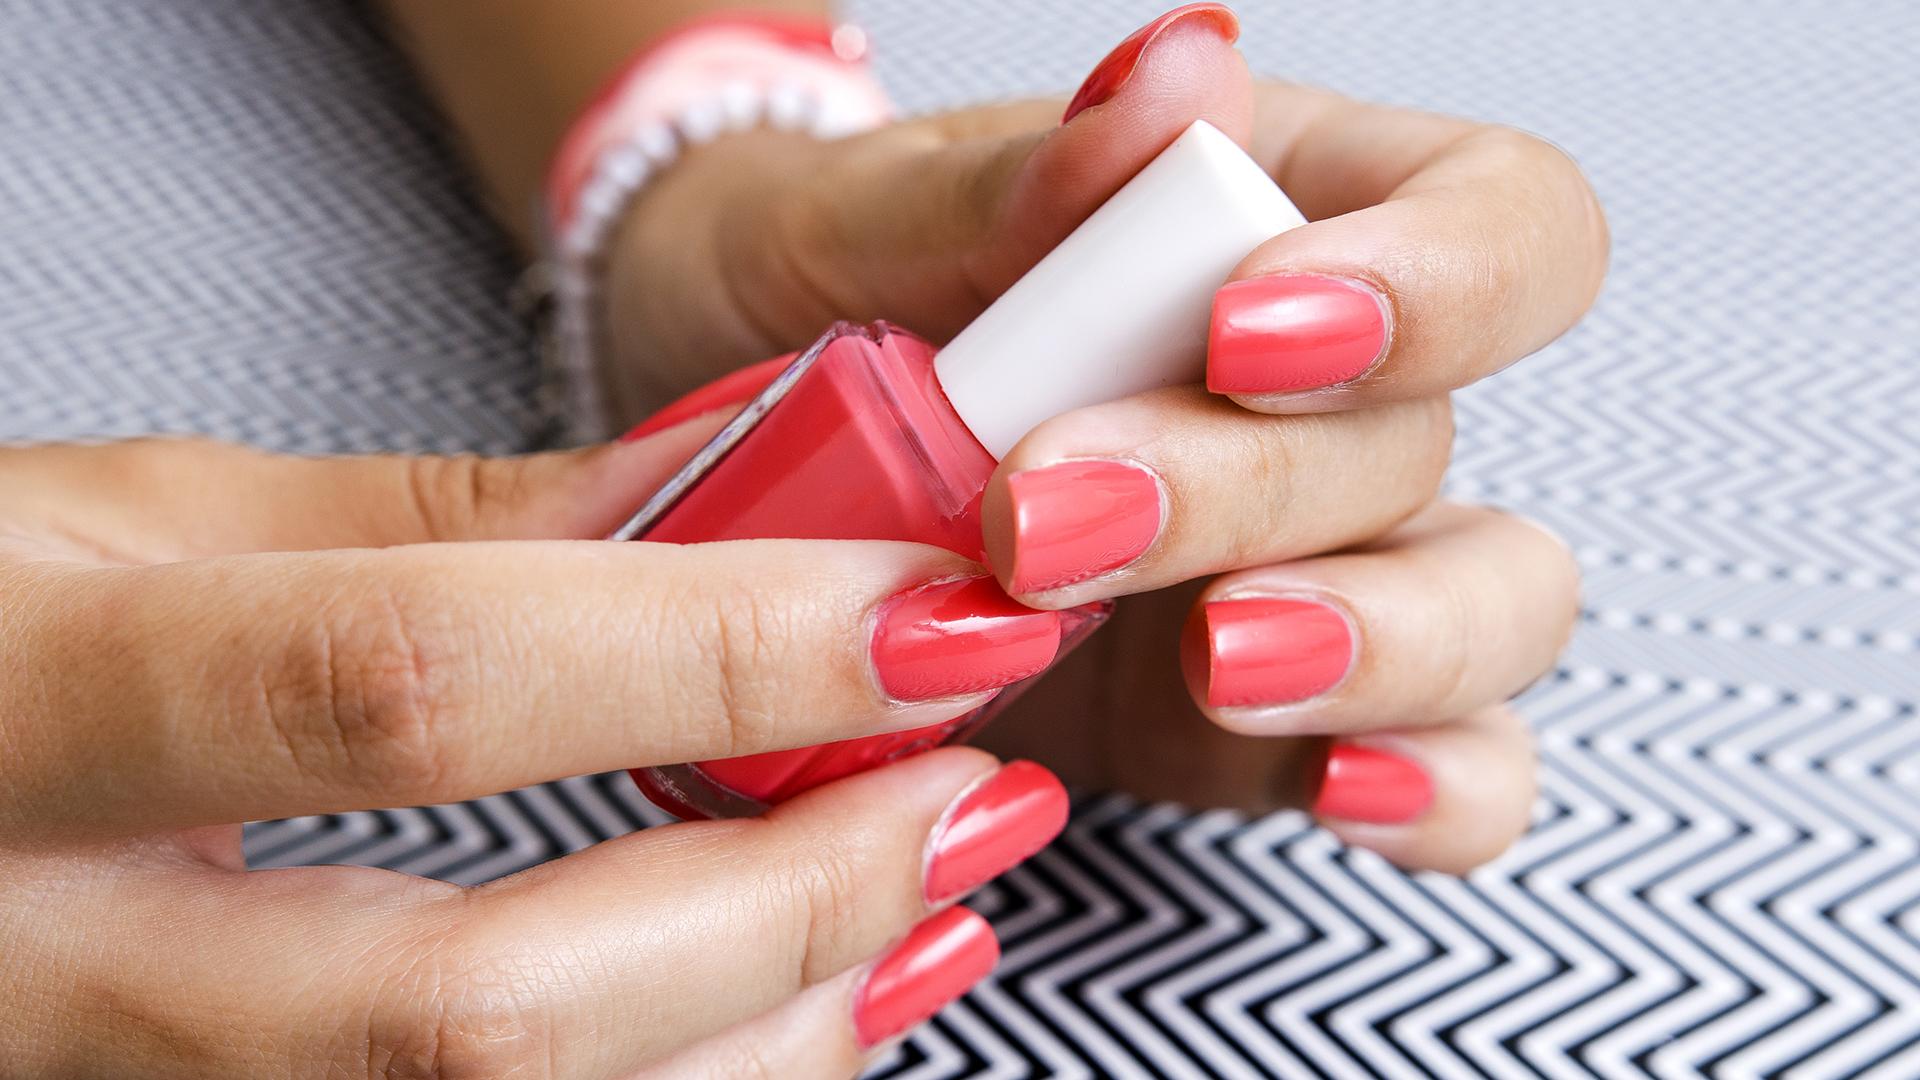 At-home manicure tips: Don\'t shake nail polish